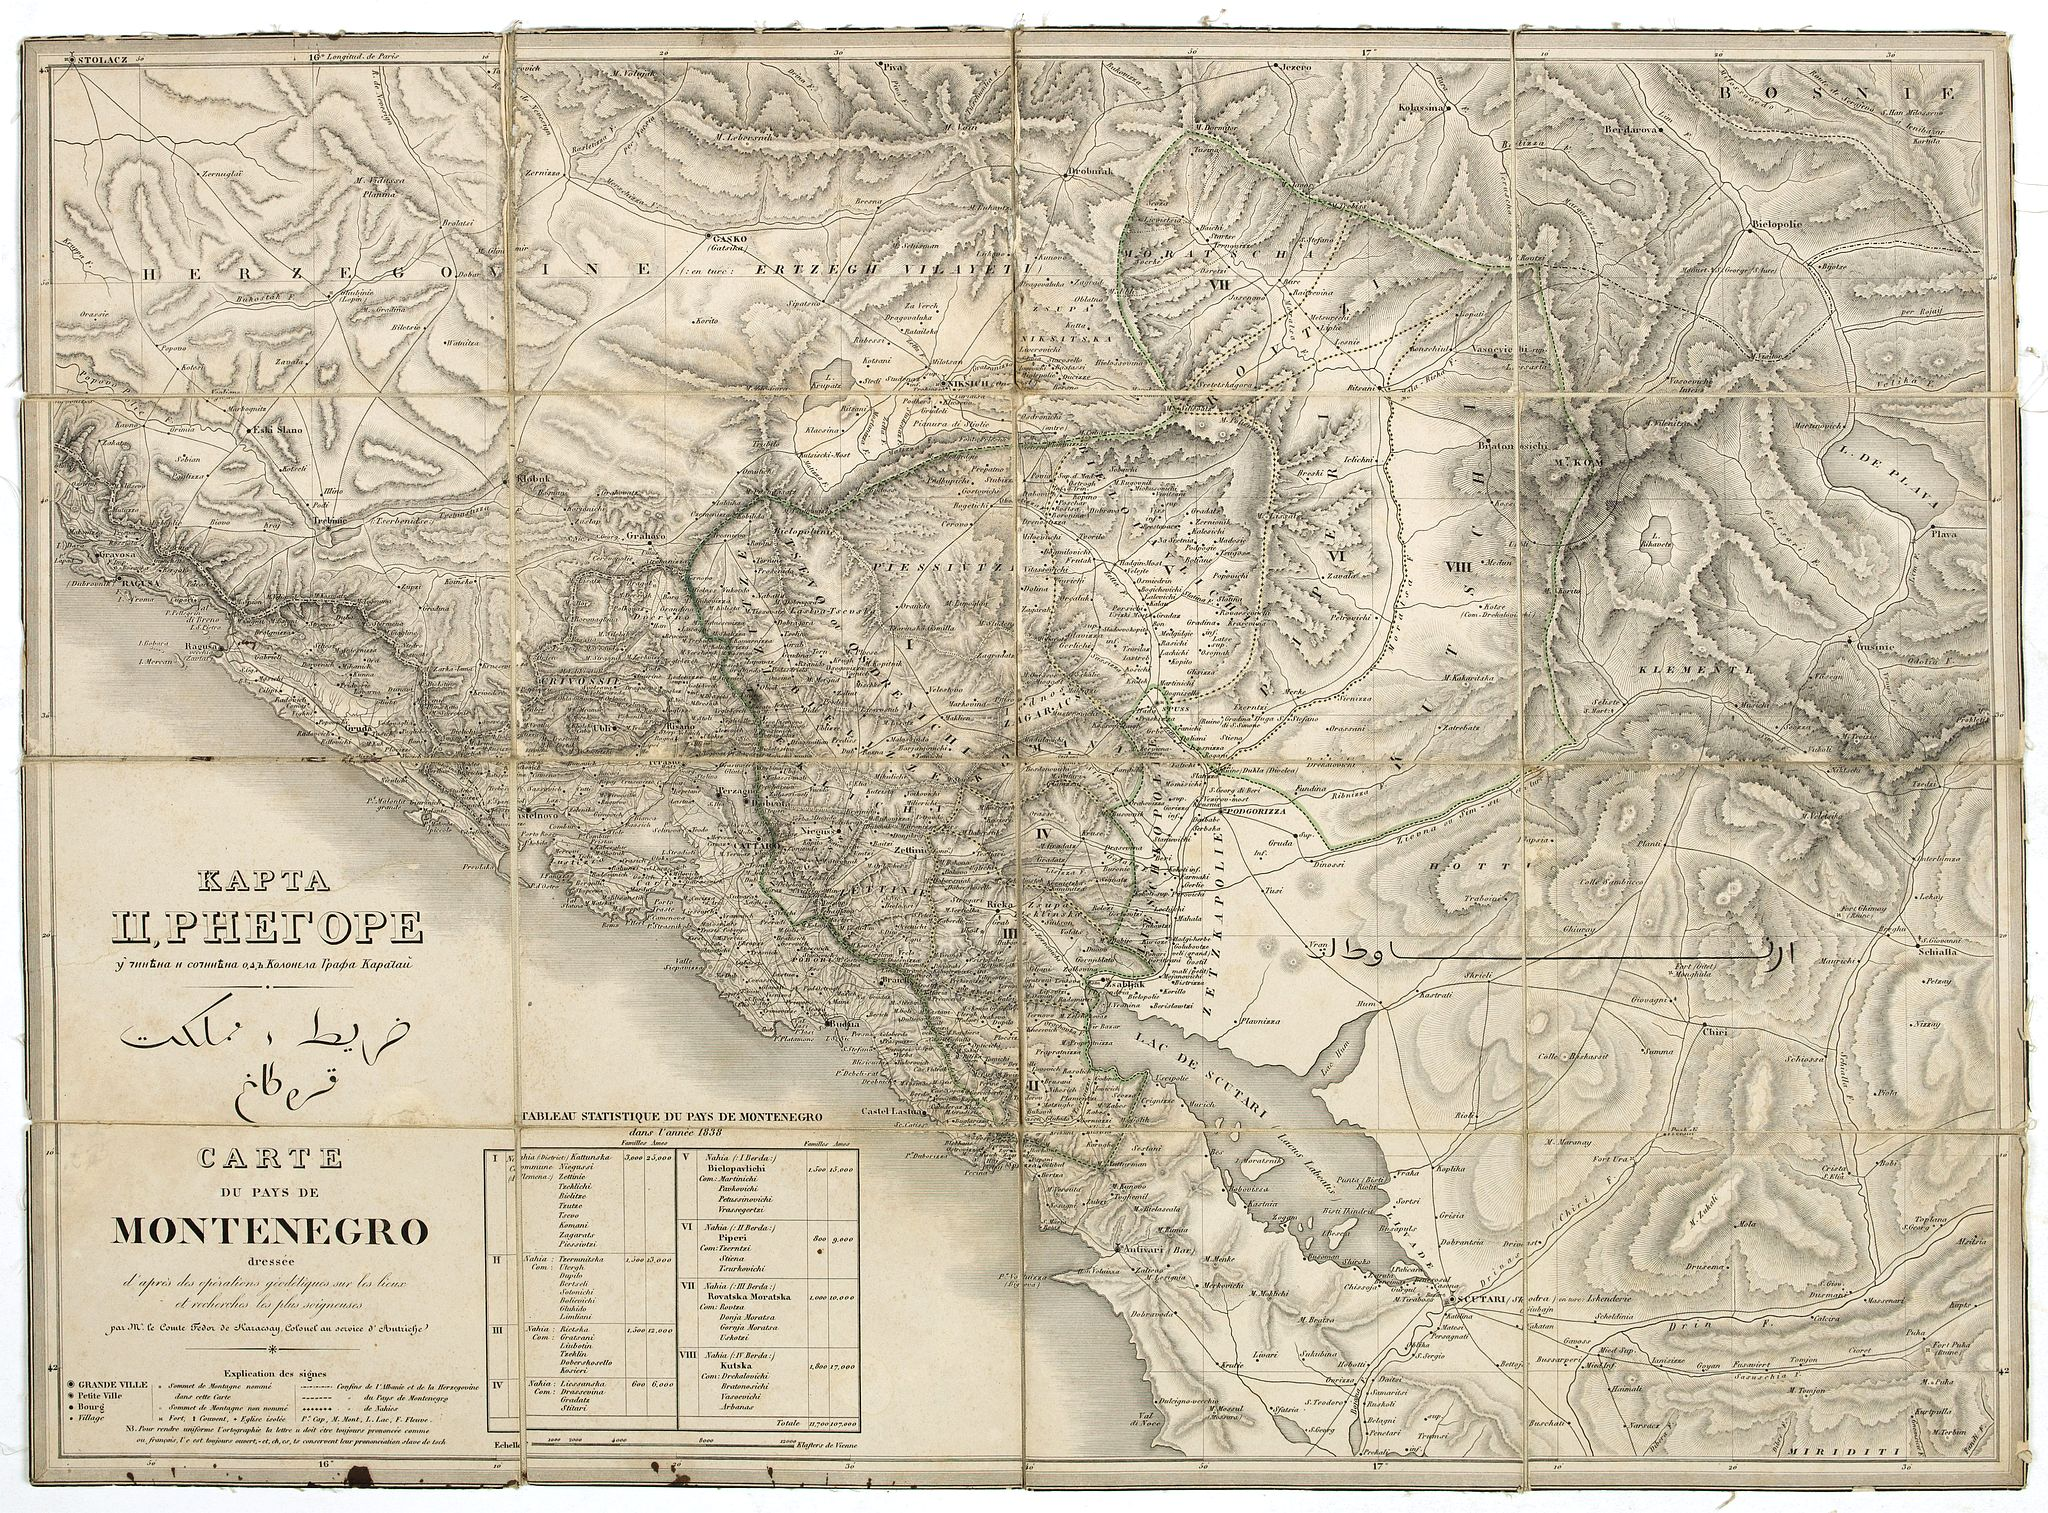 KARACSAY, F de. -  Carte du pays de Montenegro dressée d'après les opérations géodétiques . . .